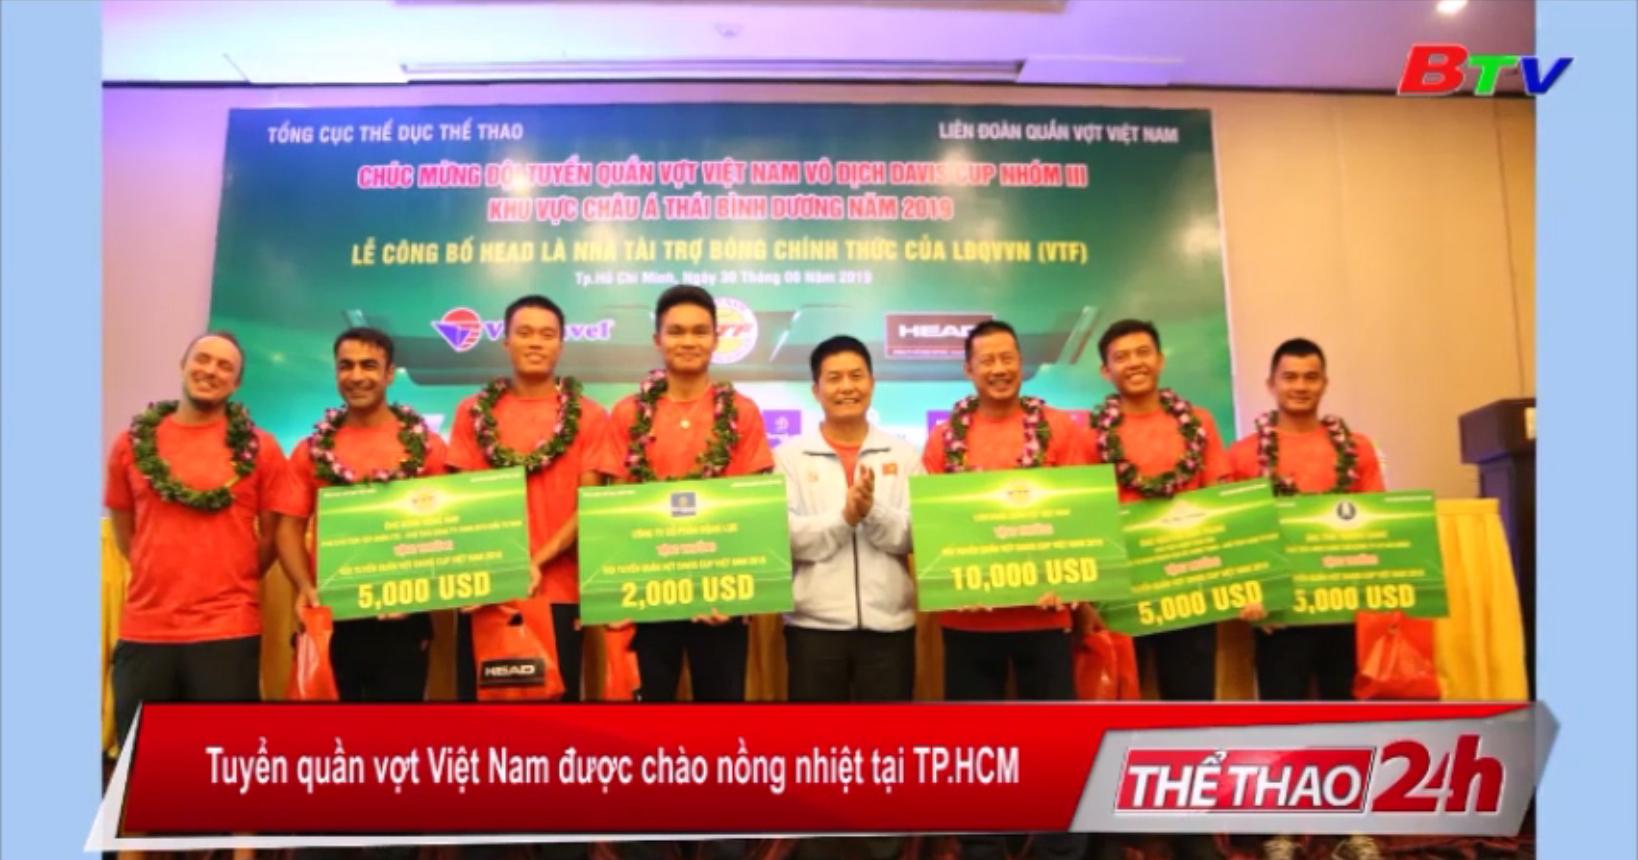 Đội tuyển quần vợt Việt Nam được chào nồng nhiệt tại TP.HCM